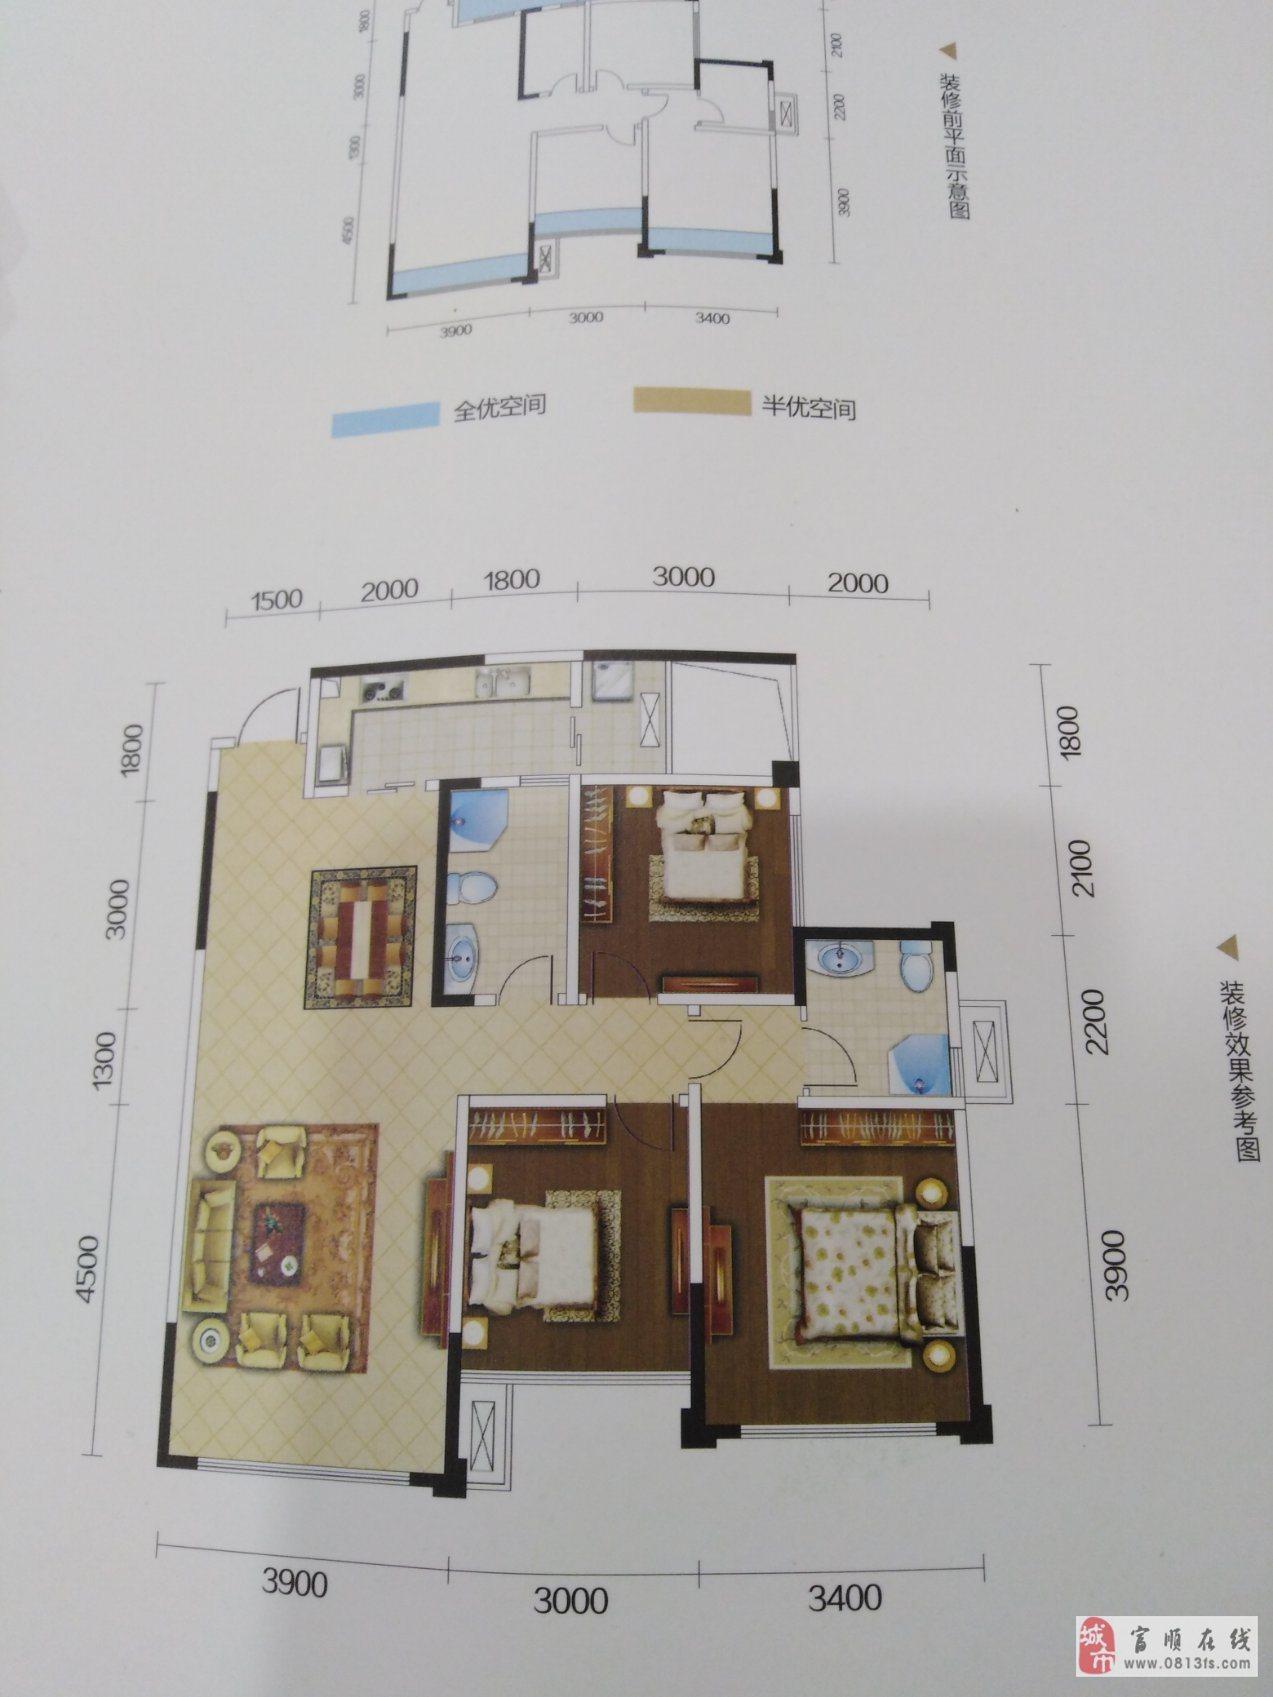 3室2厅2卫,观景房,落地大飘窗,采光视野一流